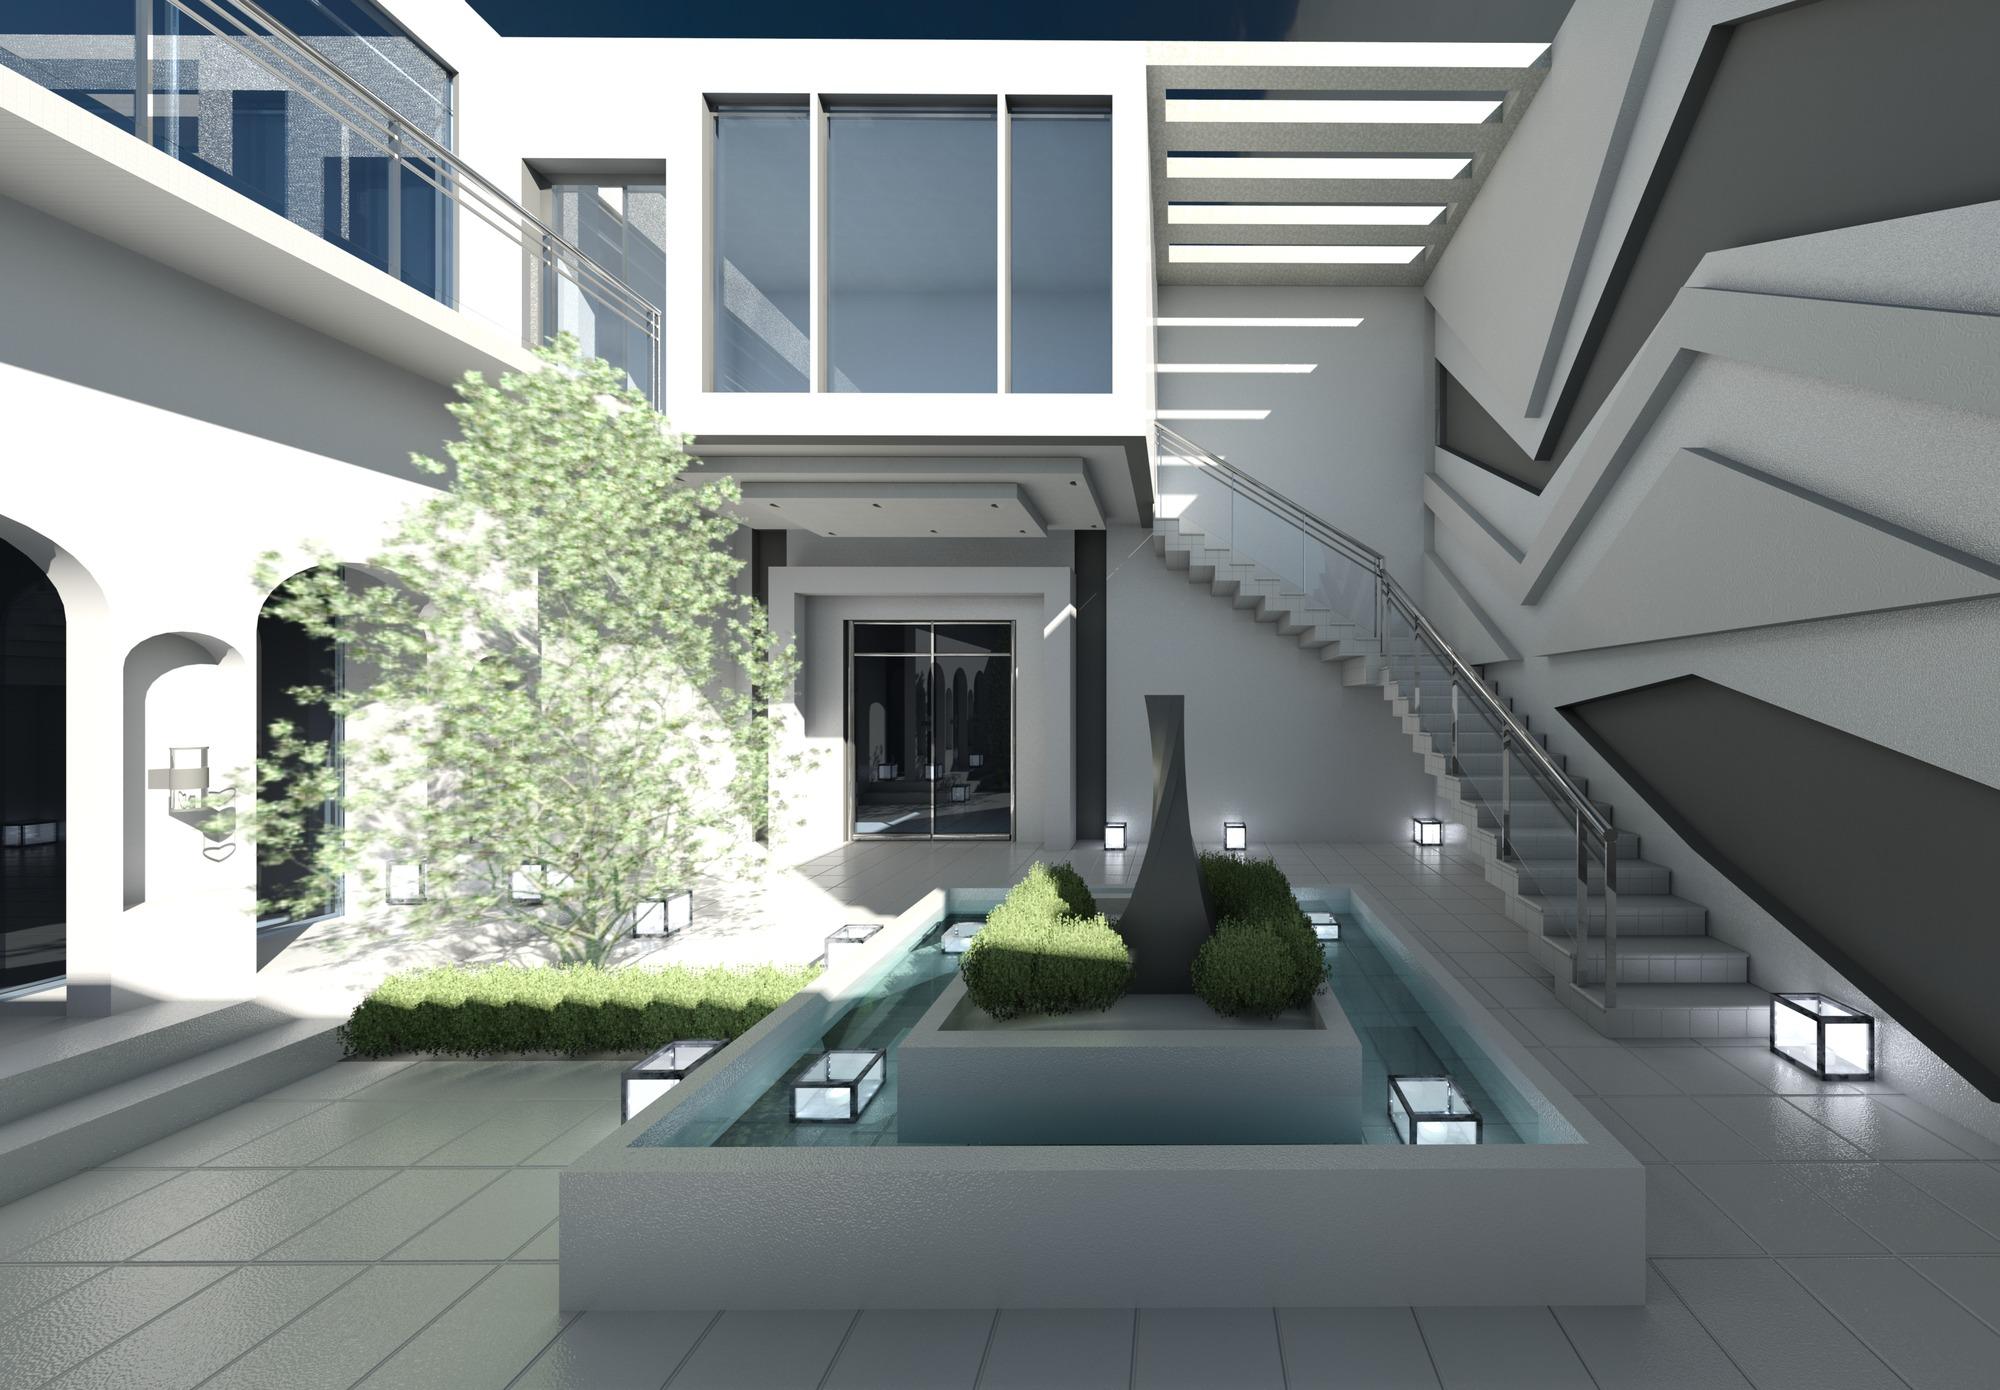 Raas-rendering20141008-2924-1lksd70